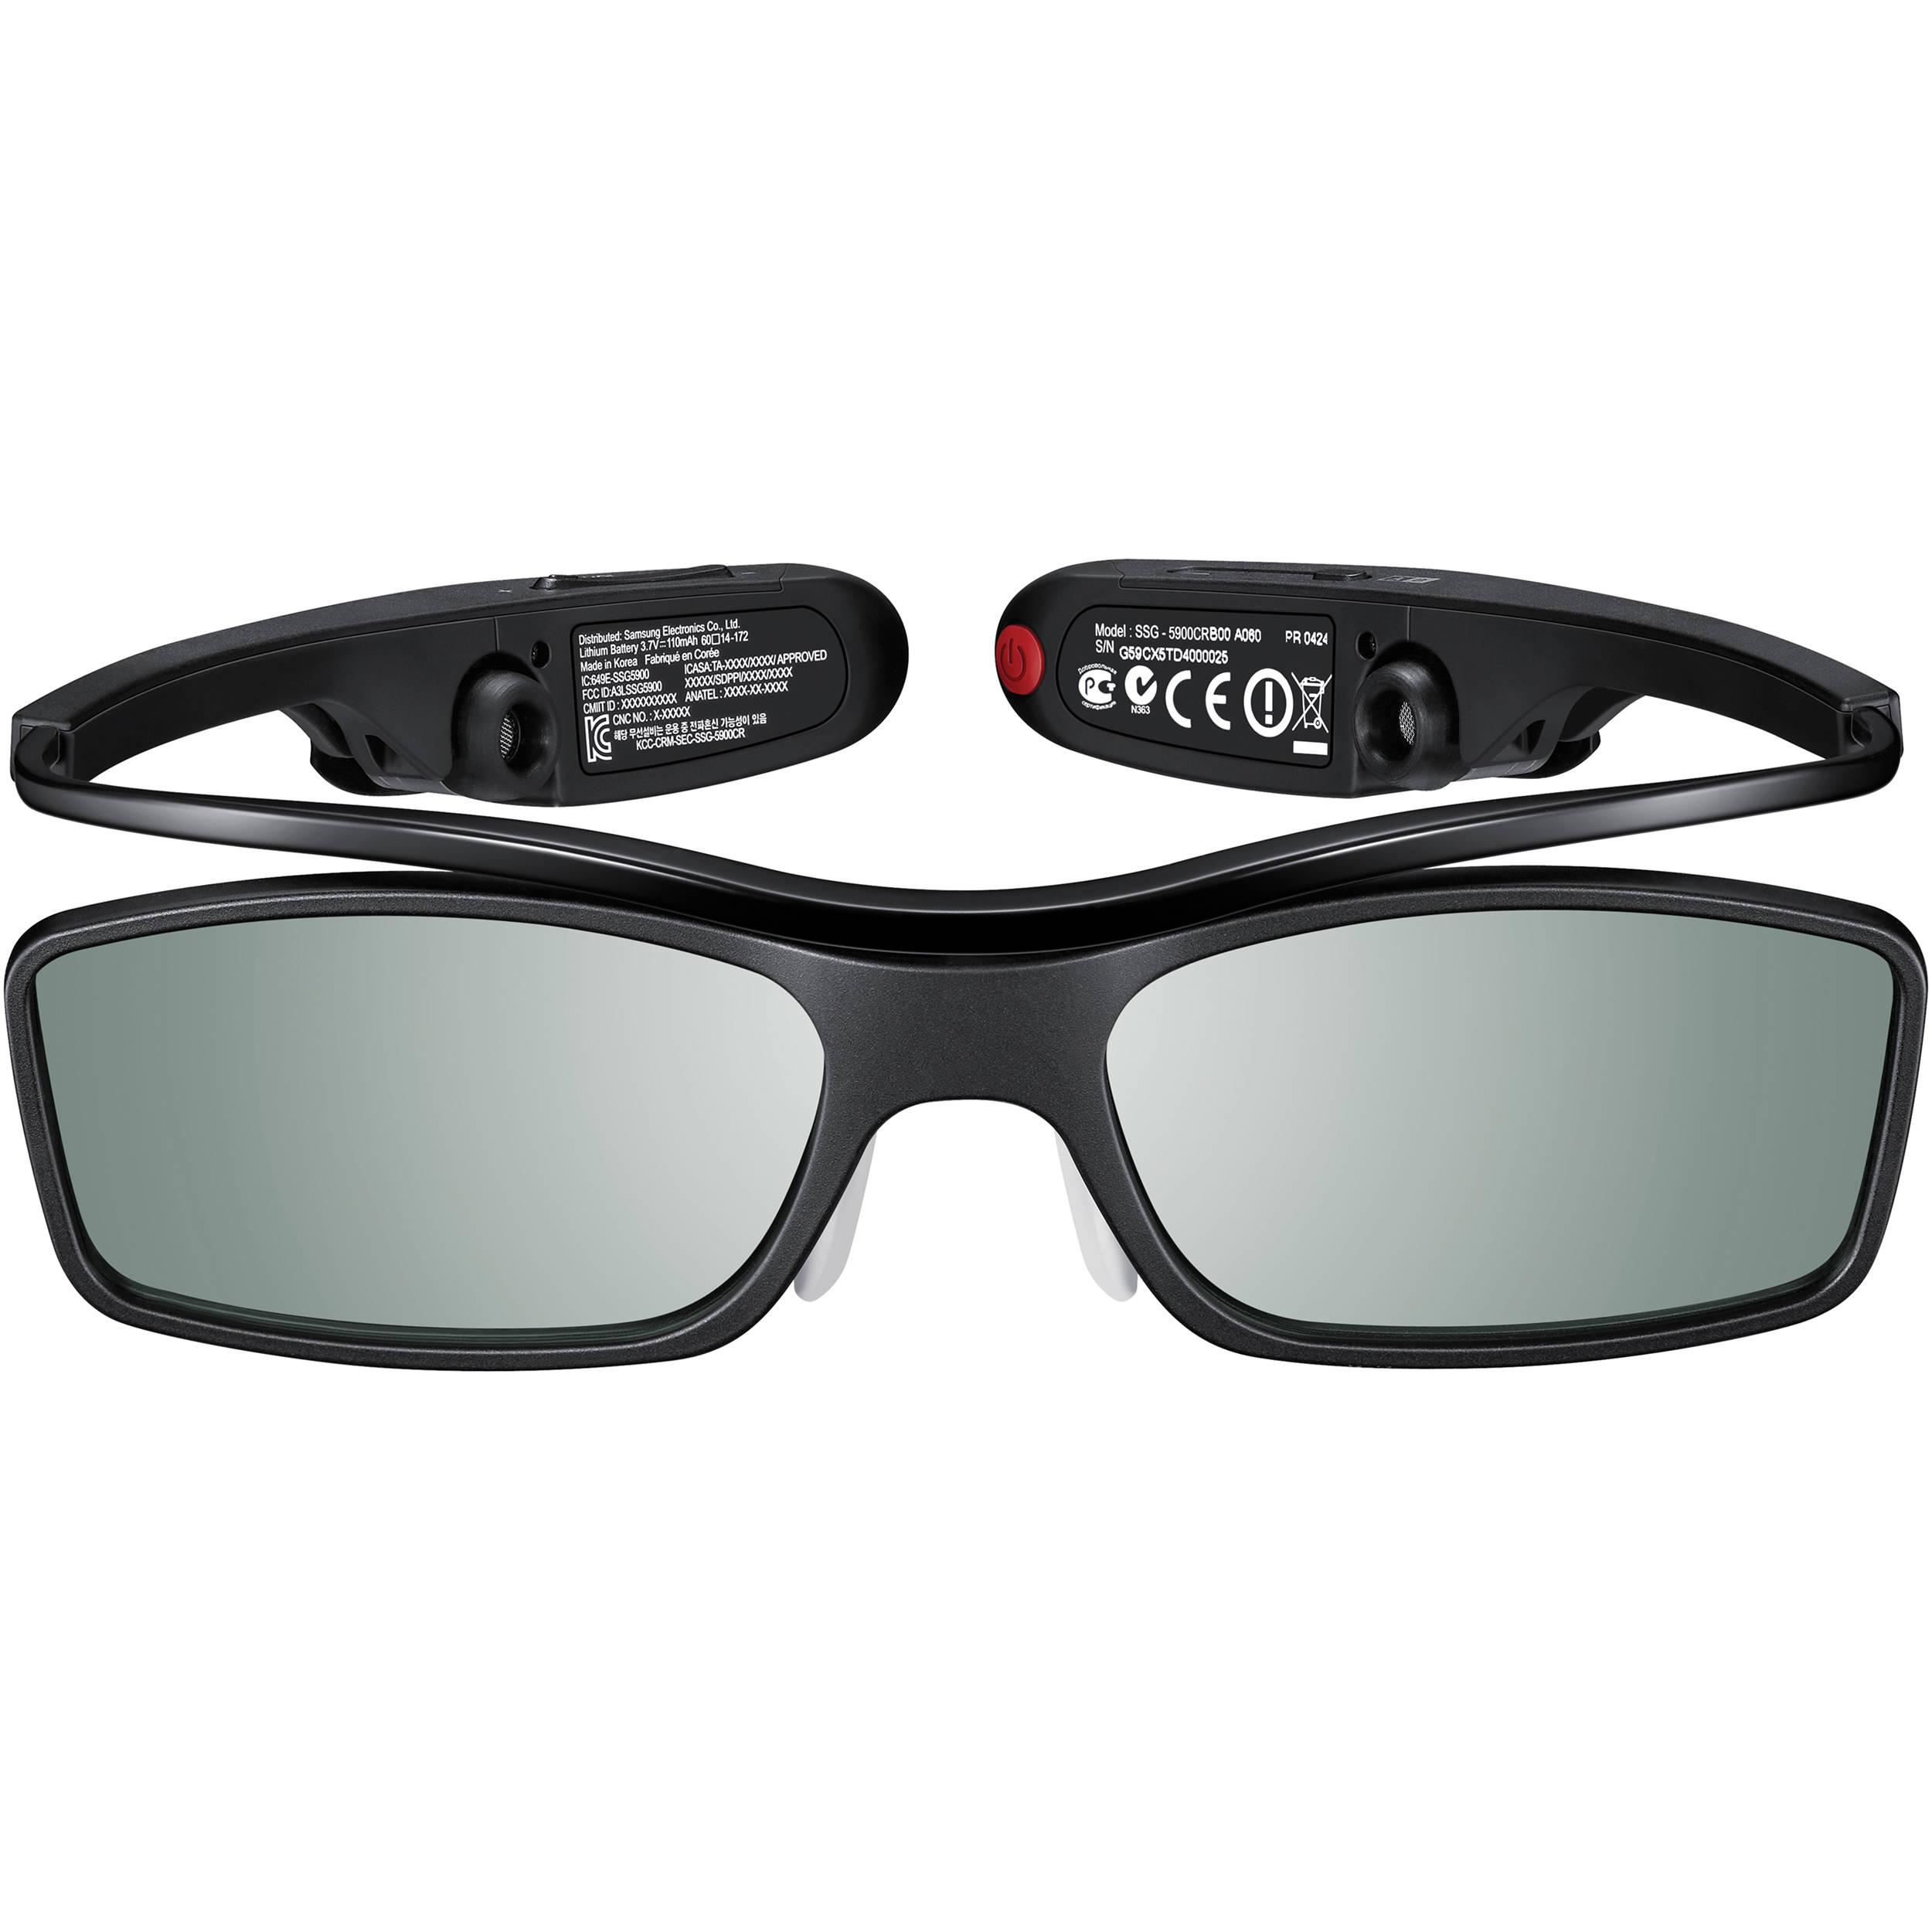 samsung ssg 5900 oled 3d glasses ssg 5900cr za b h photo